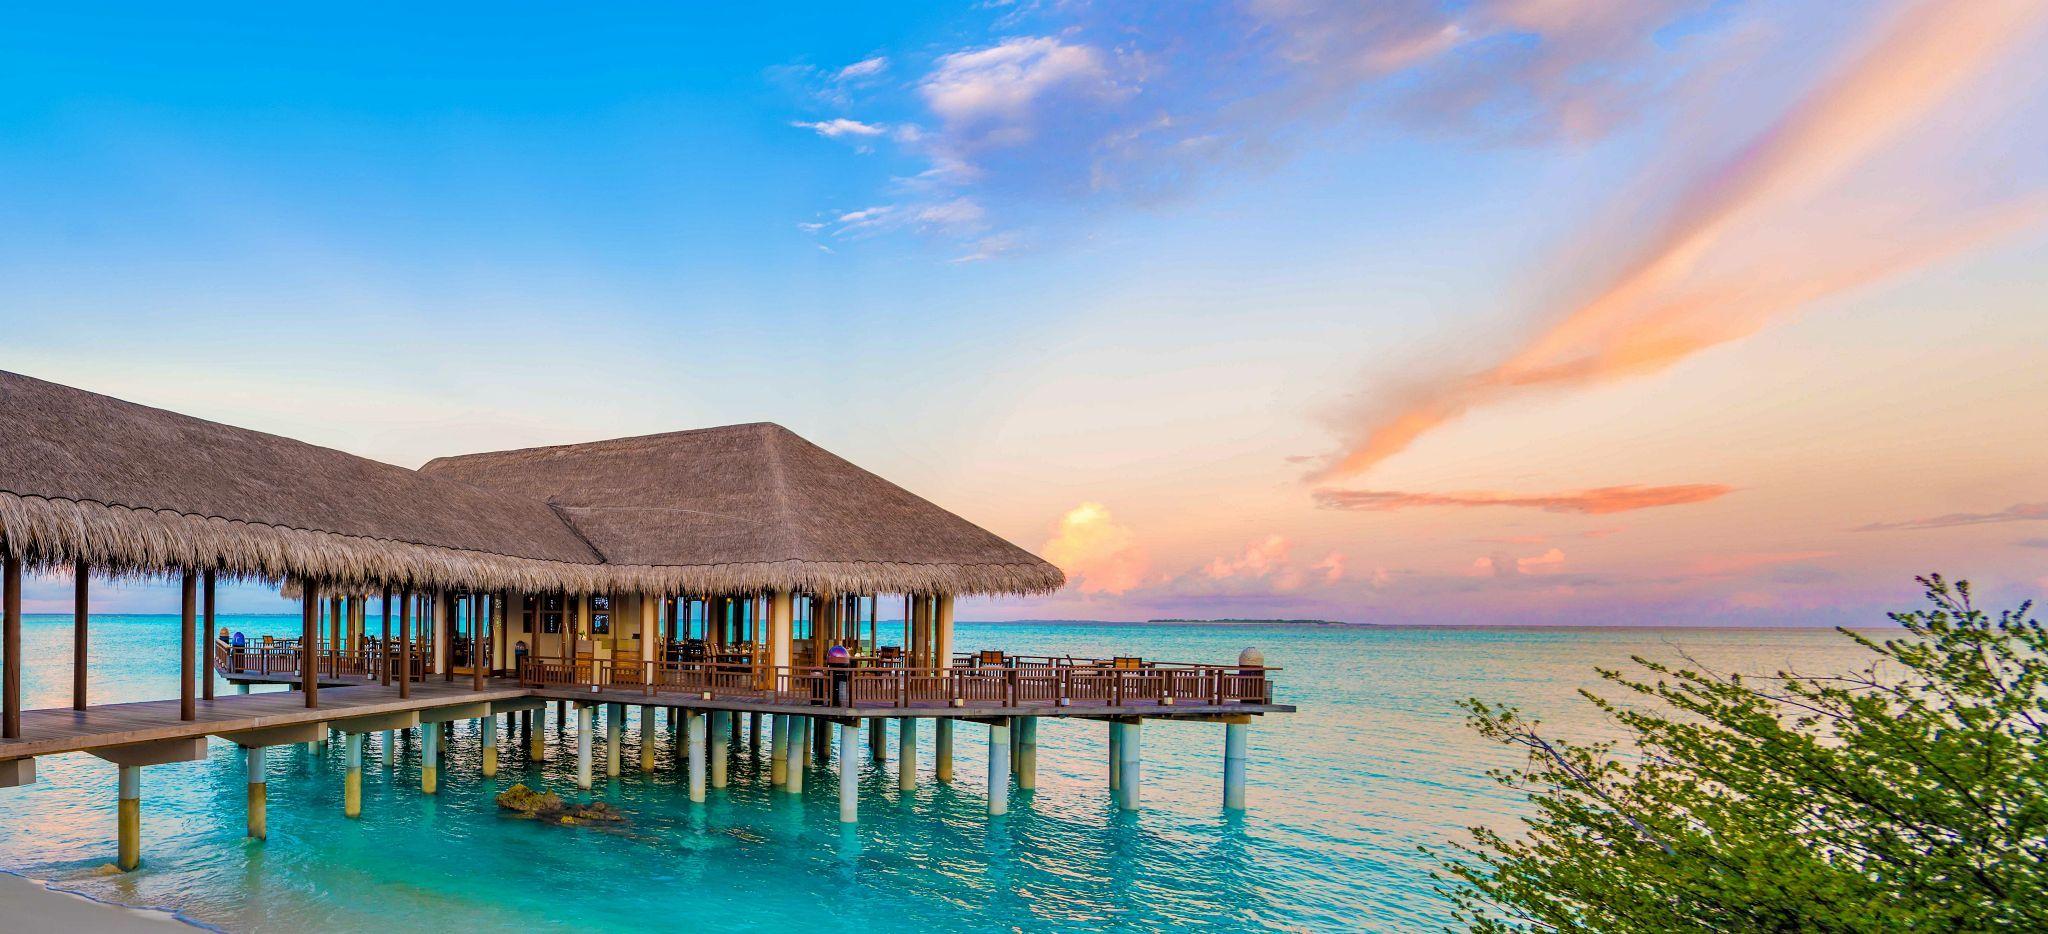 Ein Restaurant auf Stelzen in der Lagunde der Malediveninsel Hideaway Beach